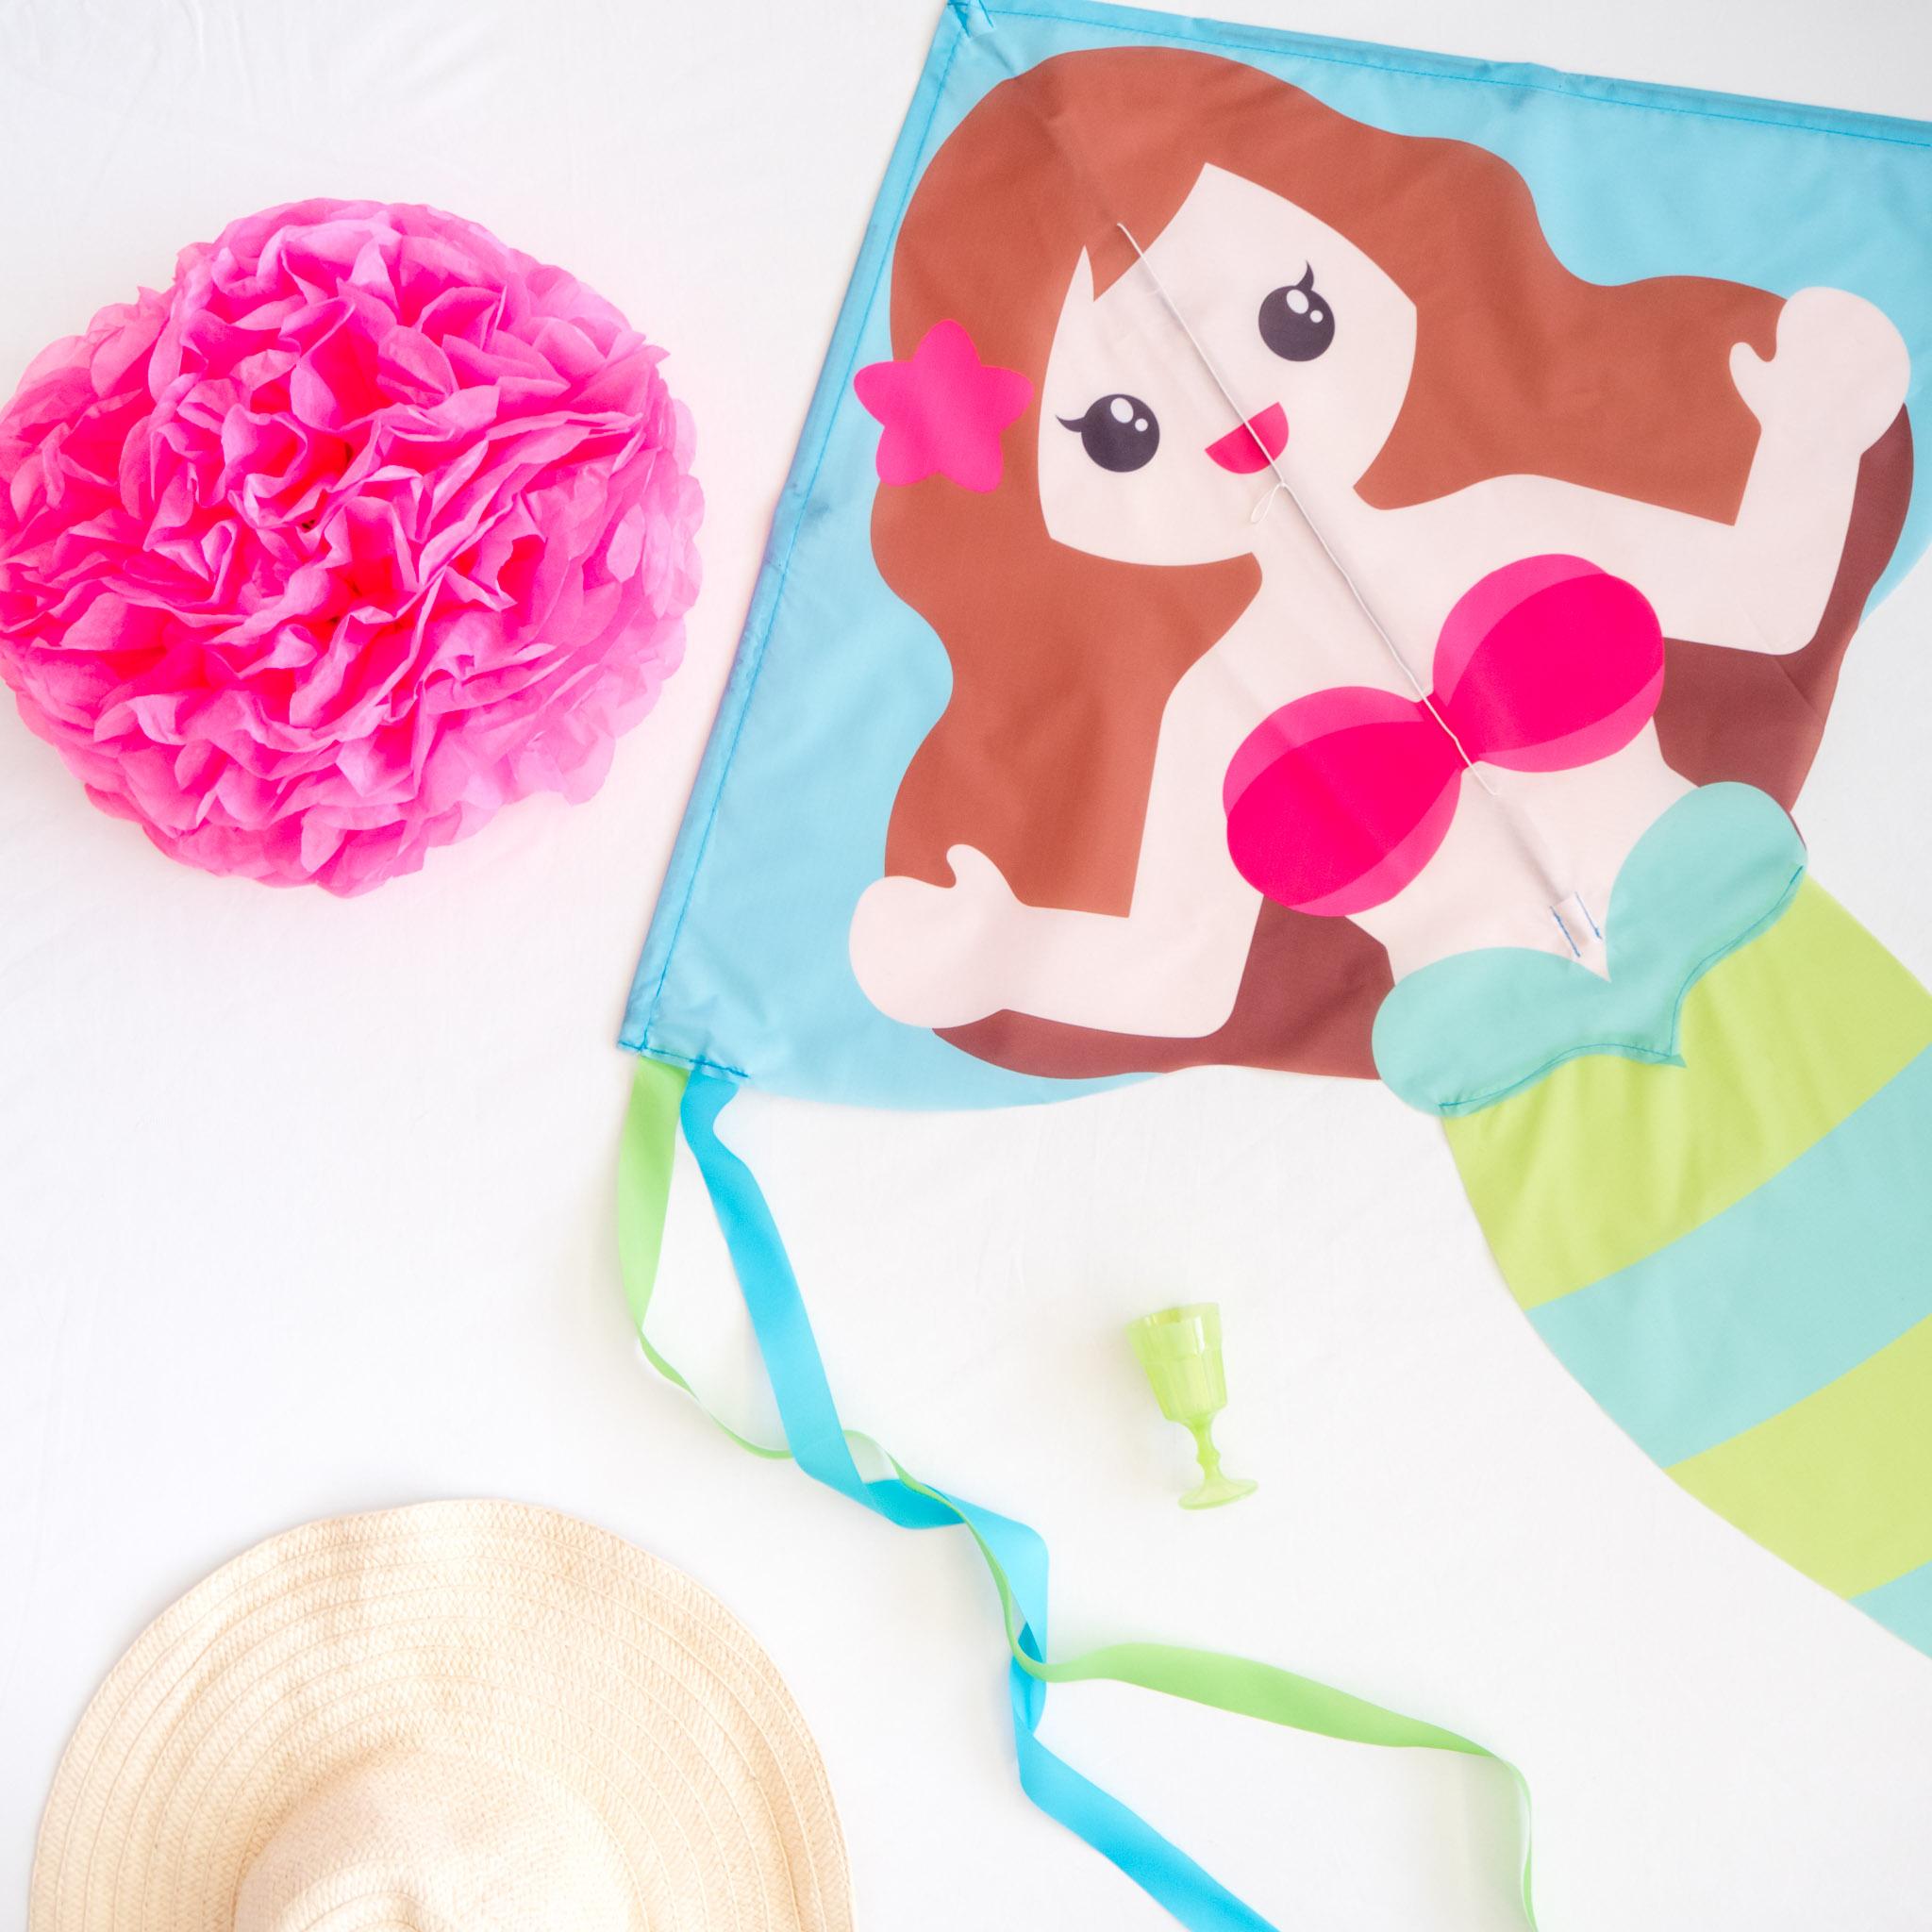 Mermaid Kite Design by Zoom Kites